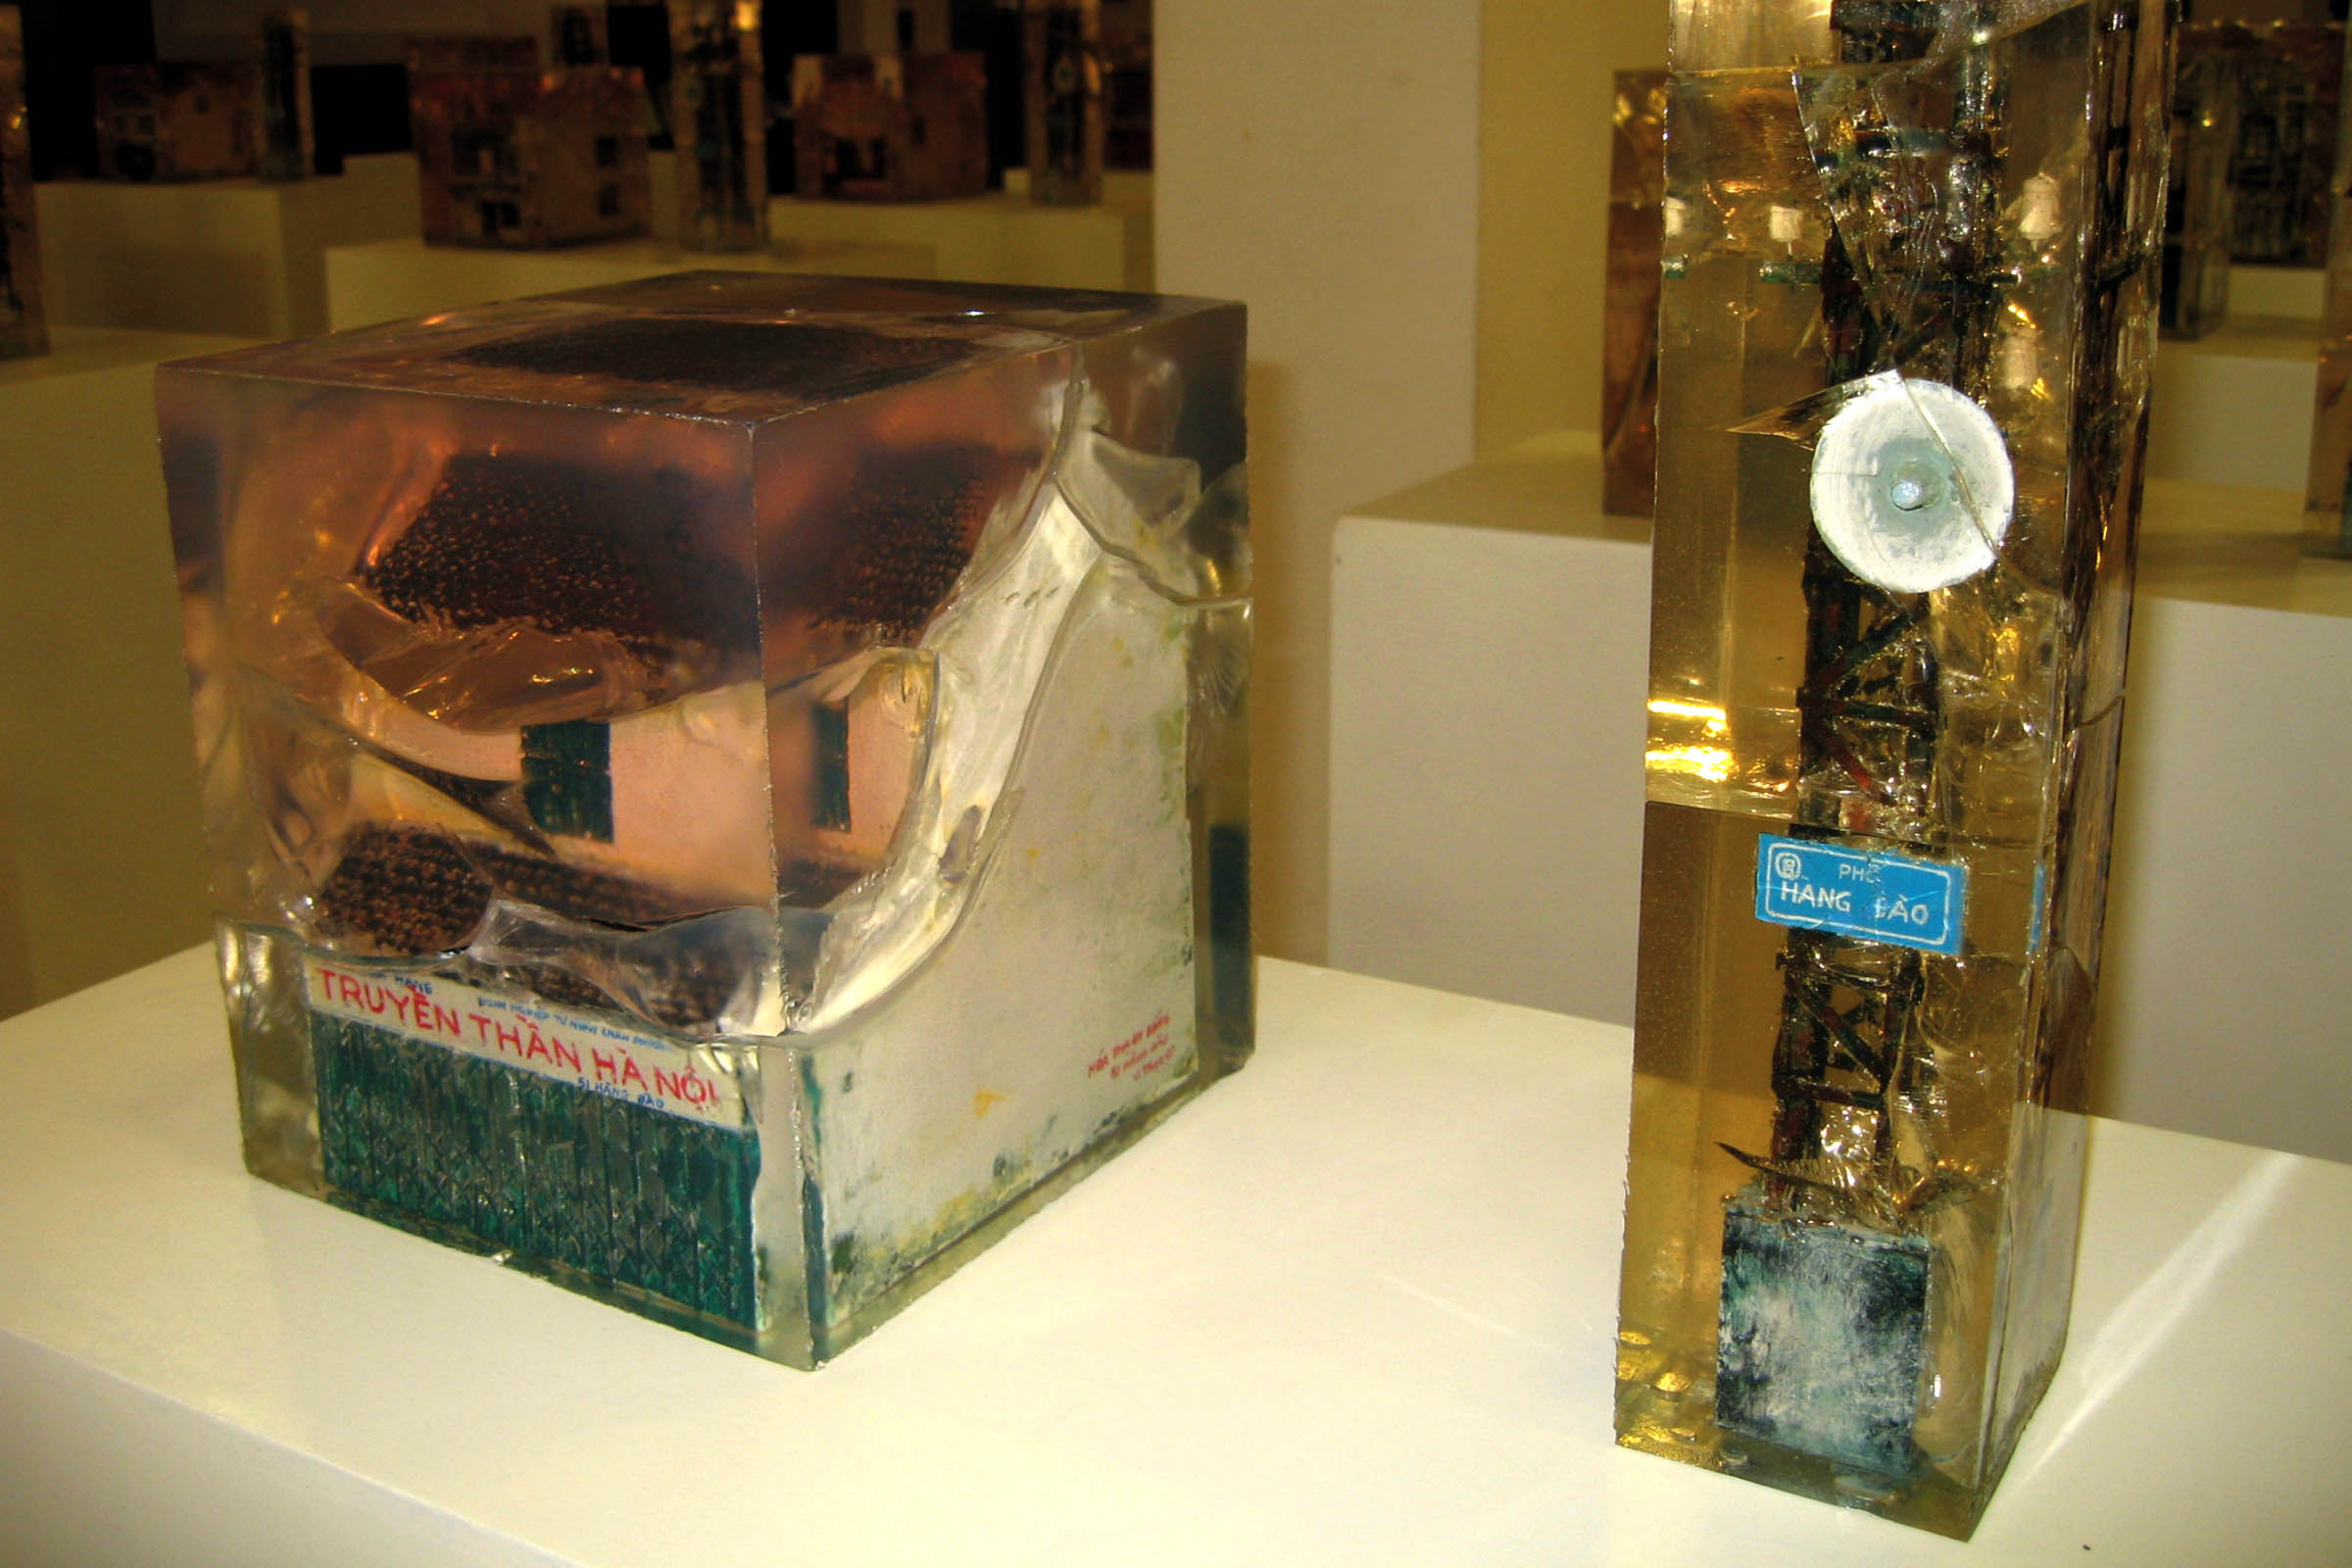 """Nhà cổ 51 Hàng Đào - """"hóa thạch"""" của họa sỹ Vương Văn Thạo (triển lãm """"Hóa thạch sống"""" - 2007)"""